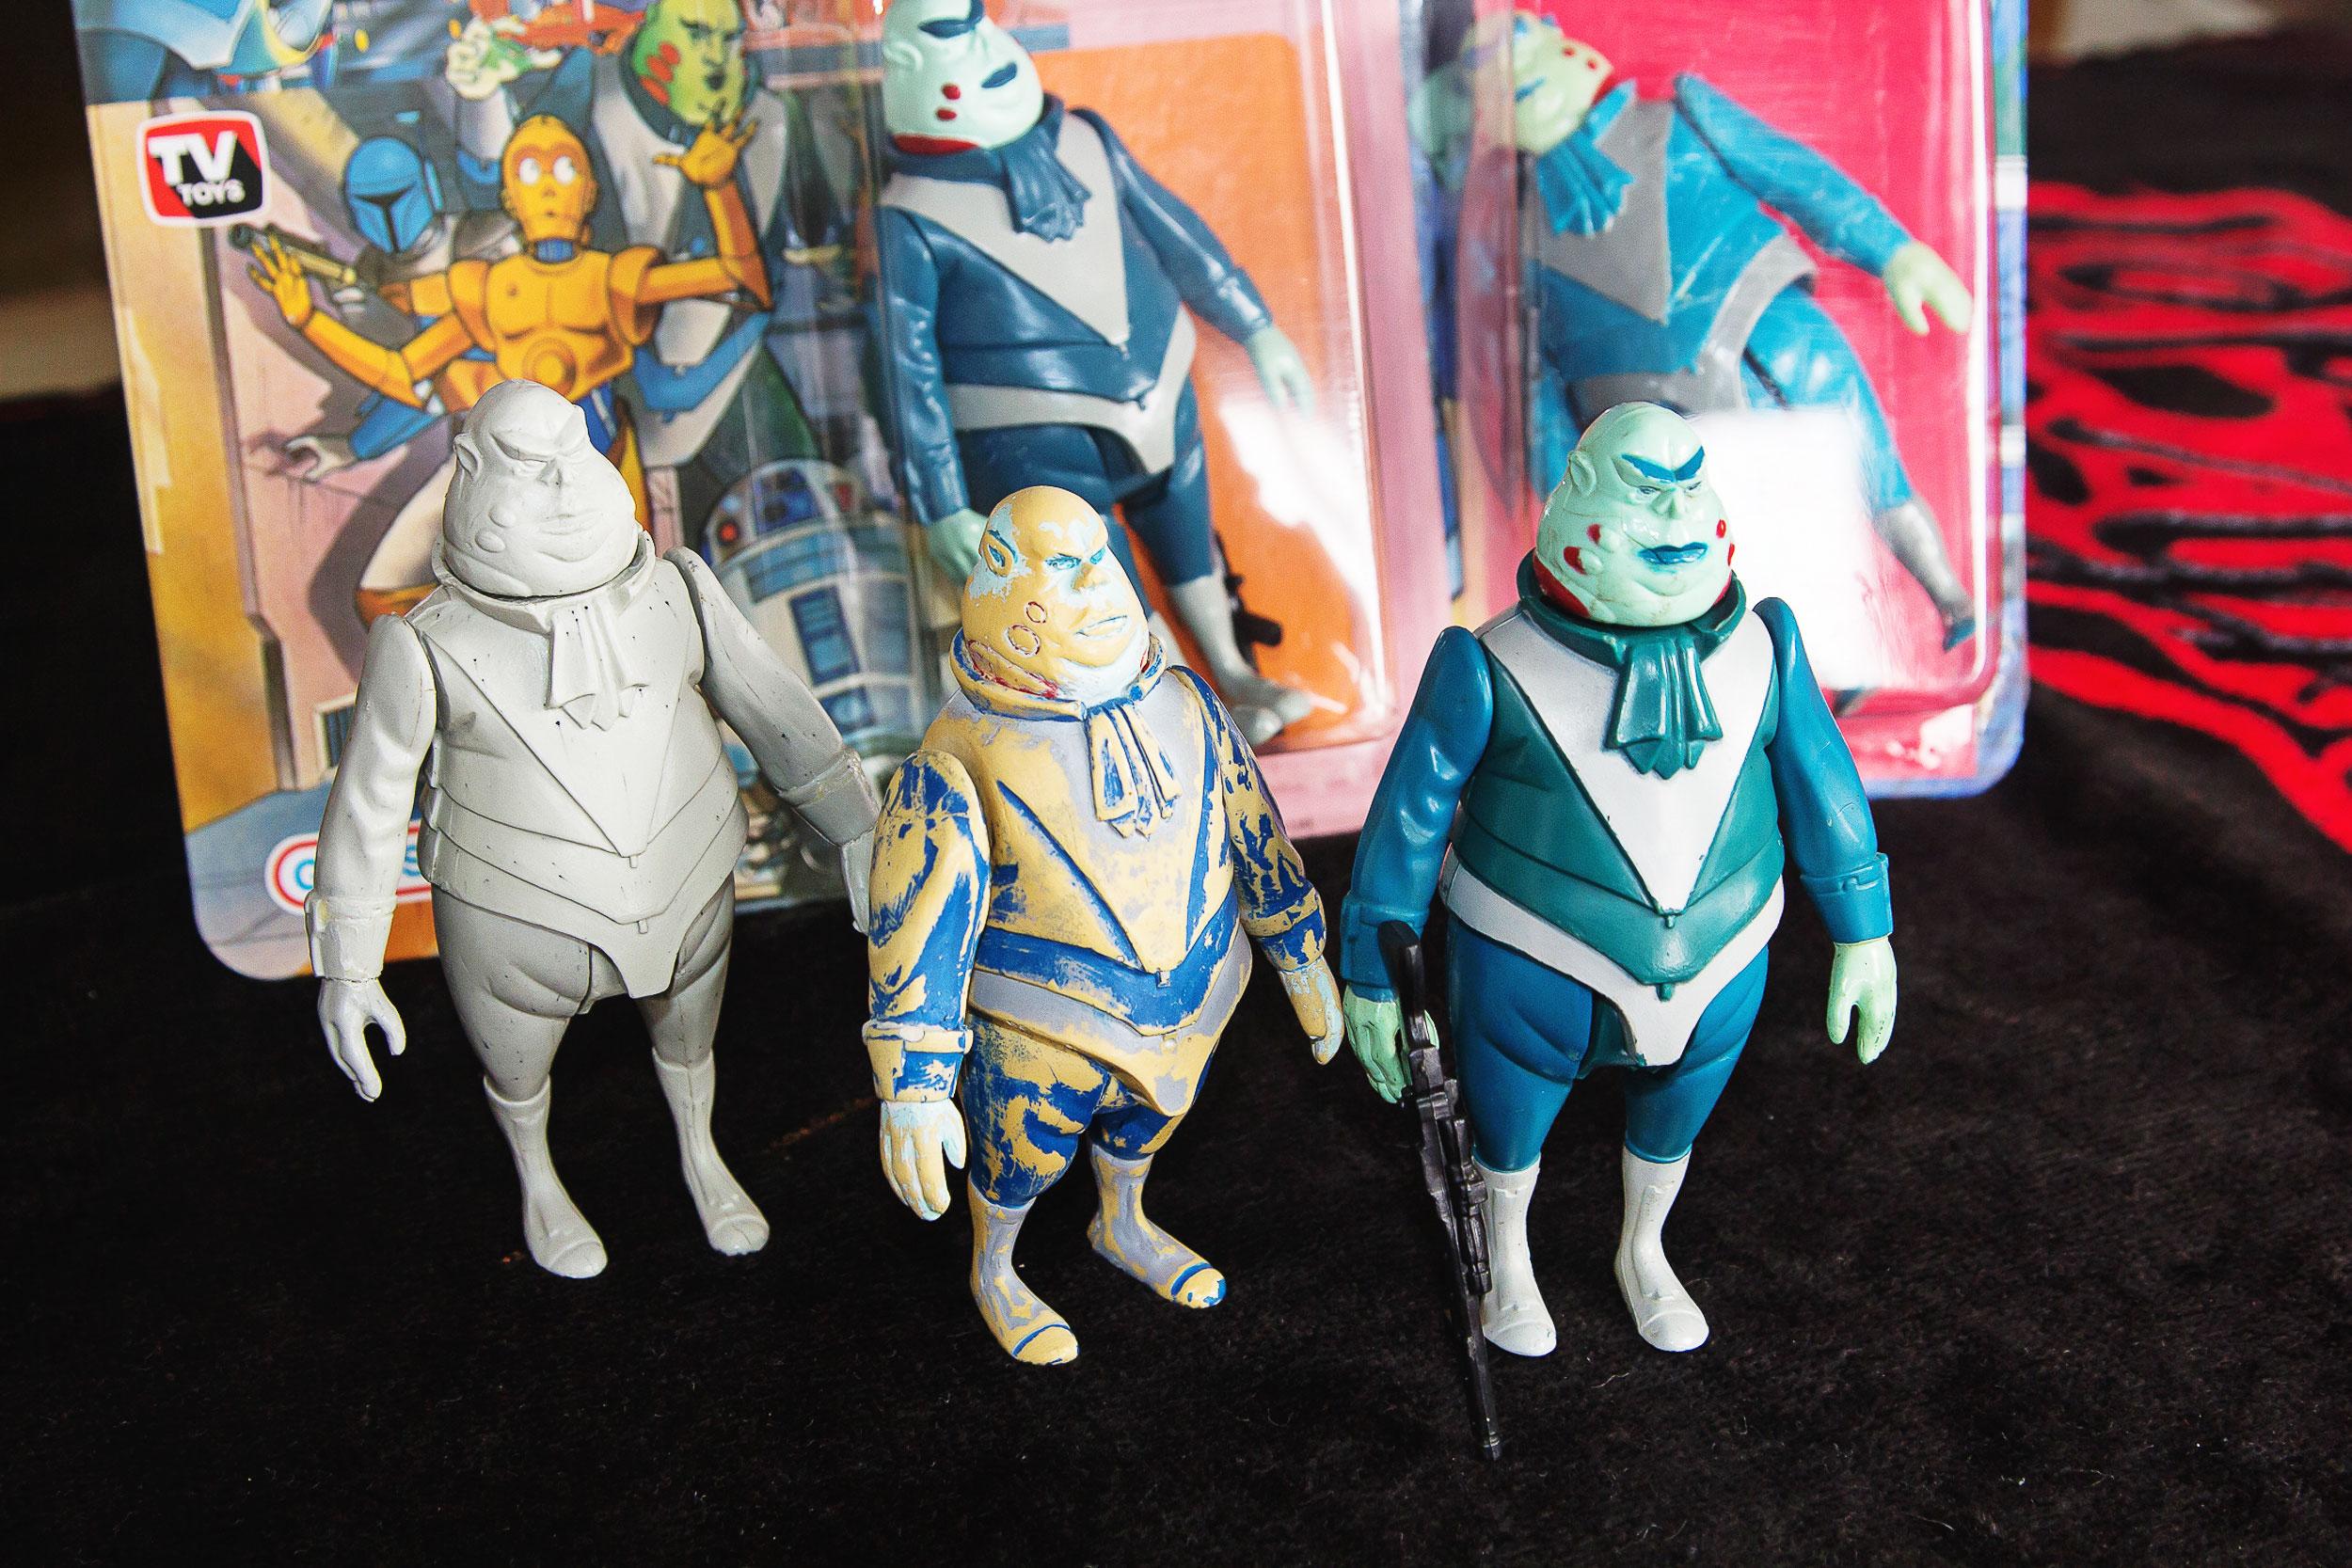 O raro boneco Vlix em três versões, uma delas o protótipo da Glasslite